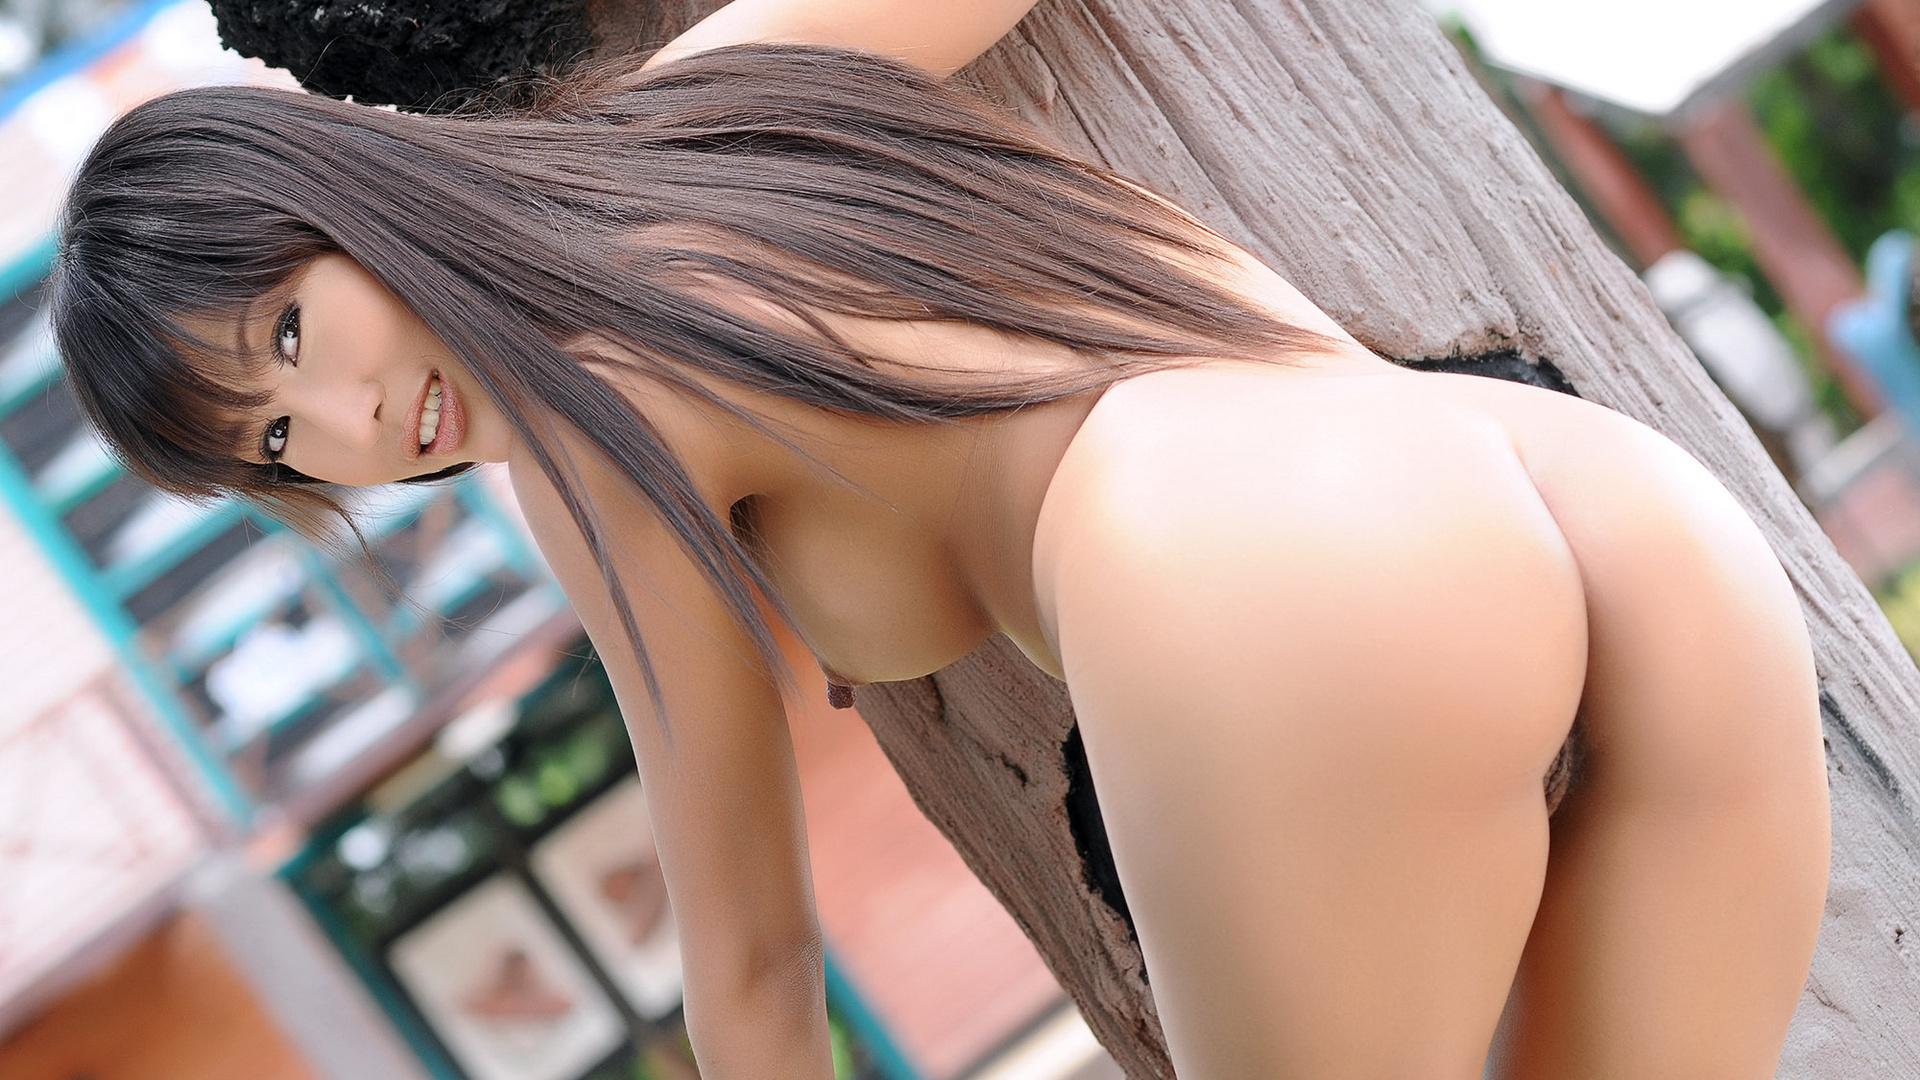 Фото жопы азияток, Красивые большие попки азиаток. Фото 17 фотография